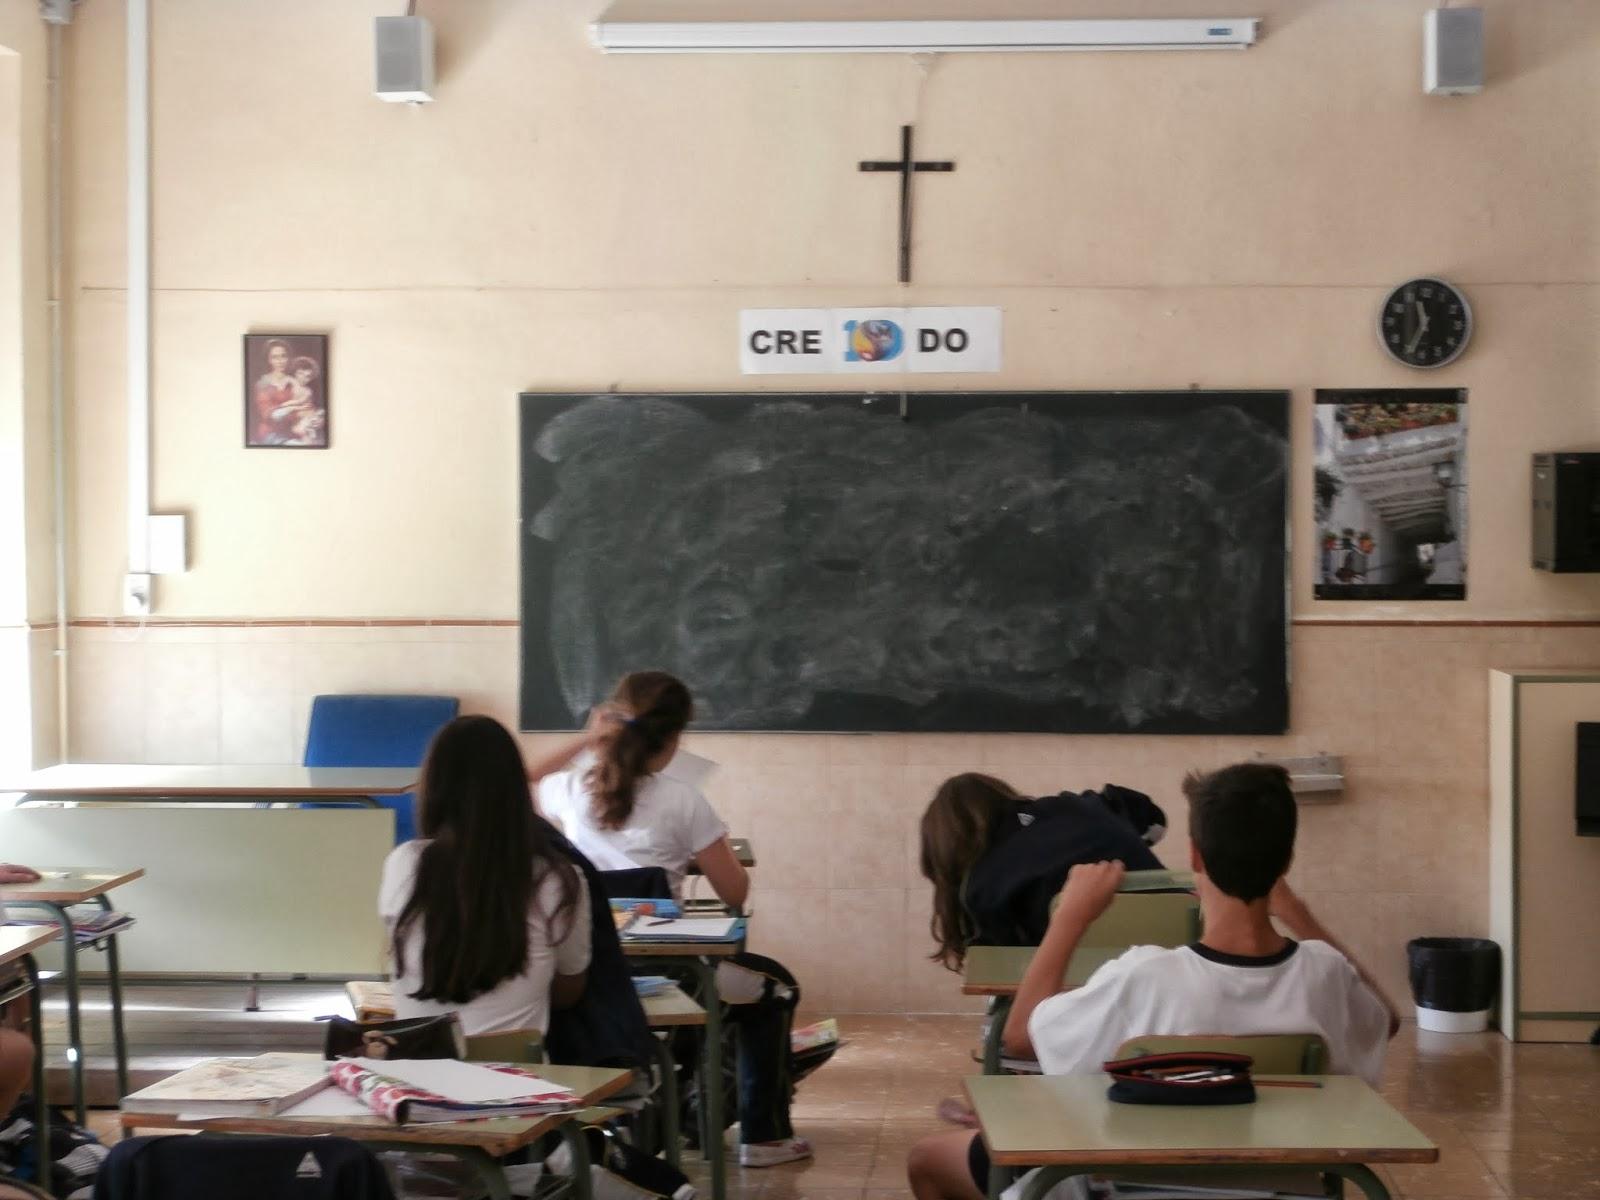 Durante el dia estamos en clase dando las asignaturas